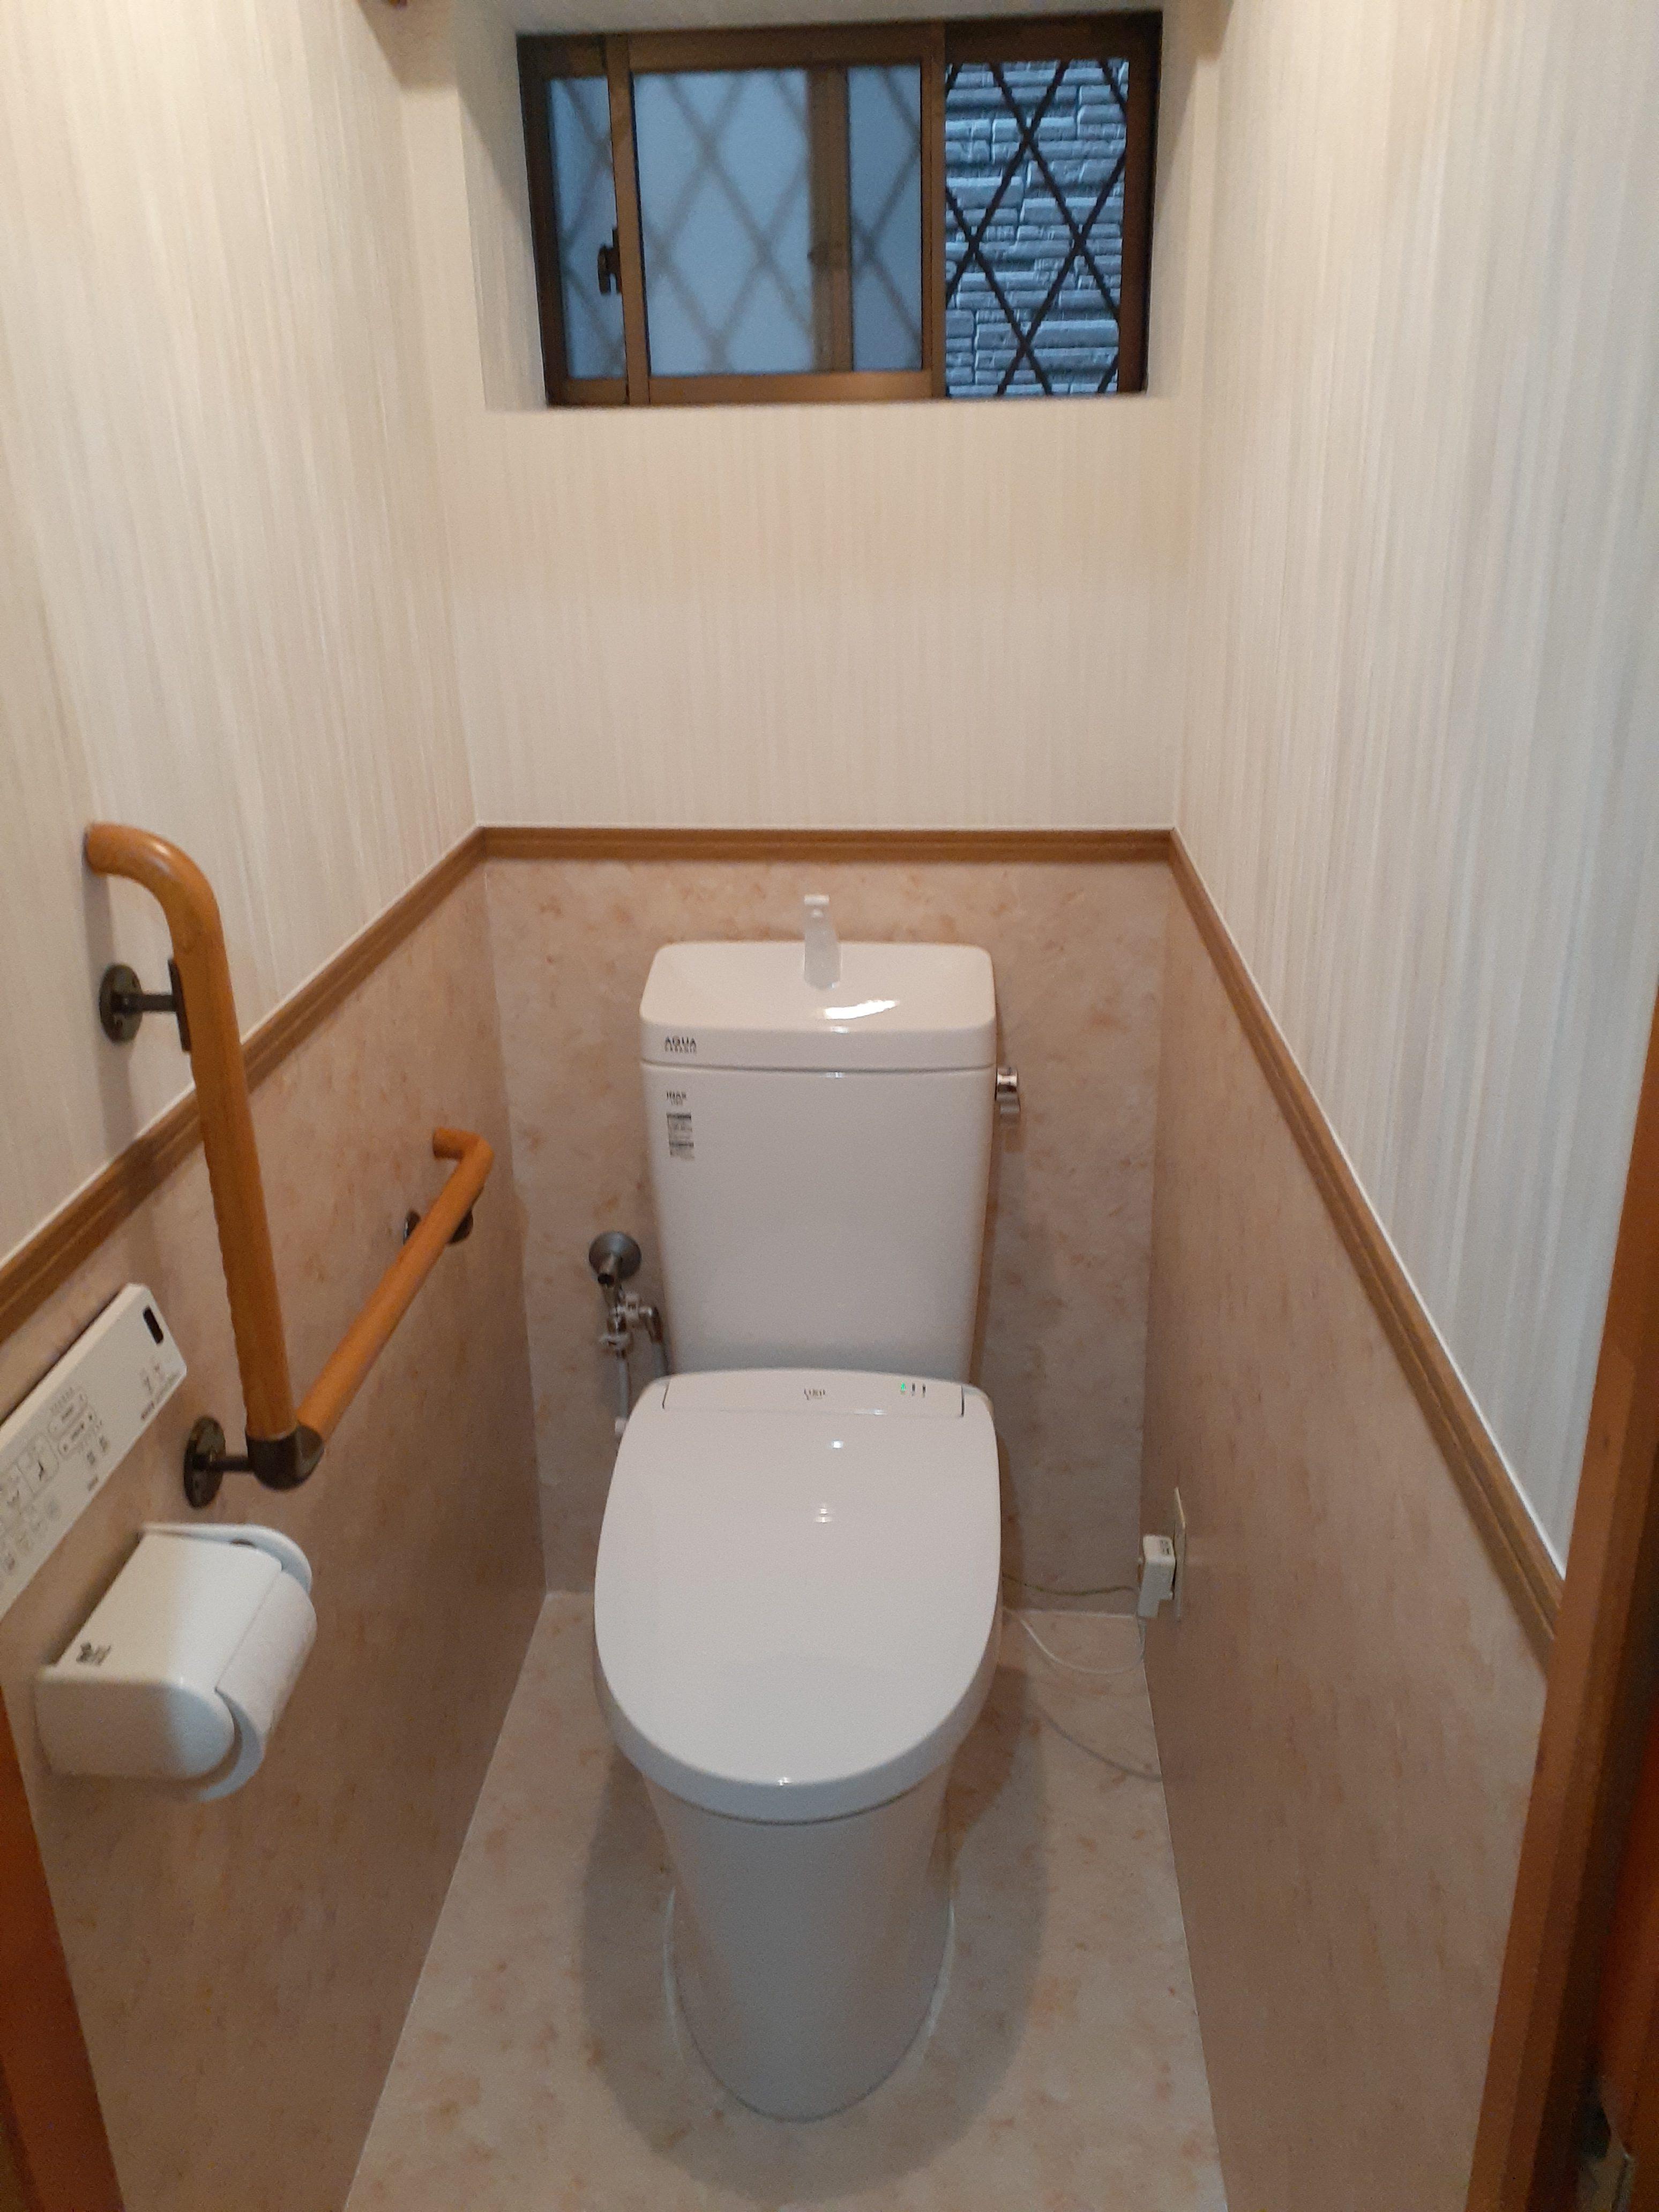 凹凸や隙間、段差の少ないトイレでお手入れラクラク♪